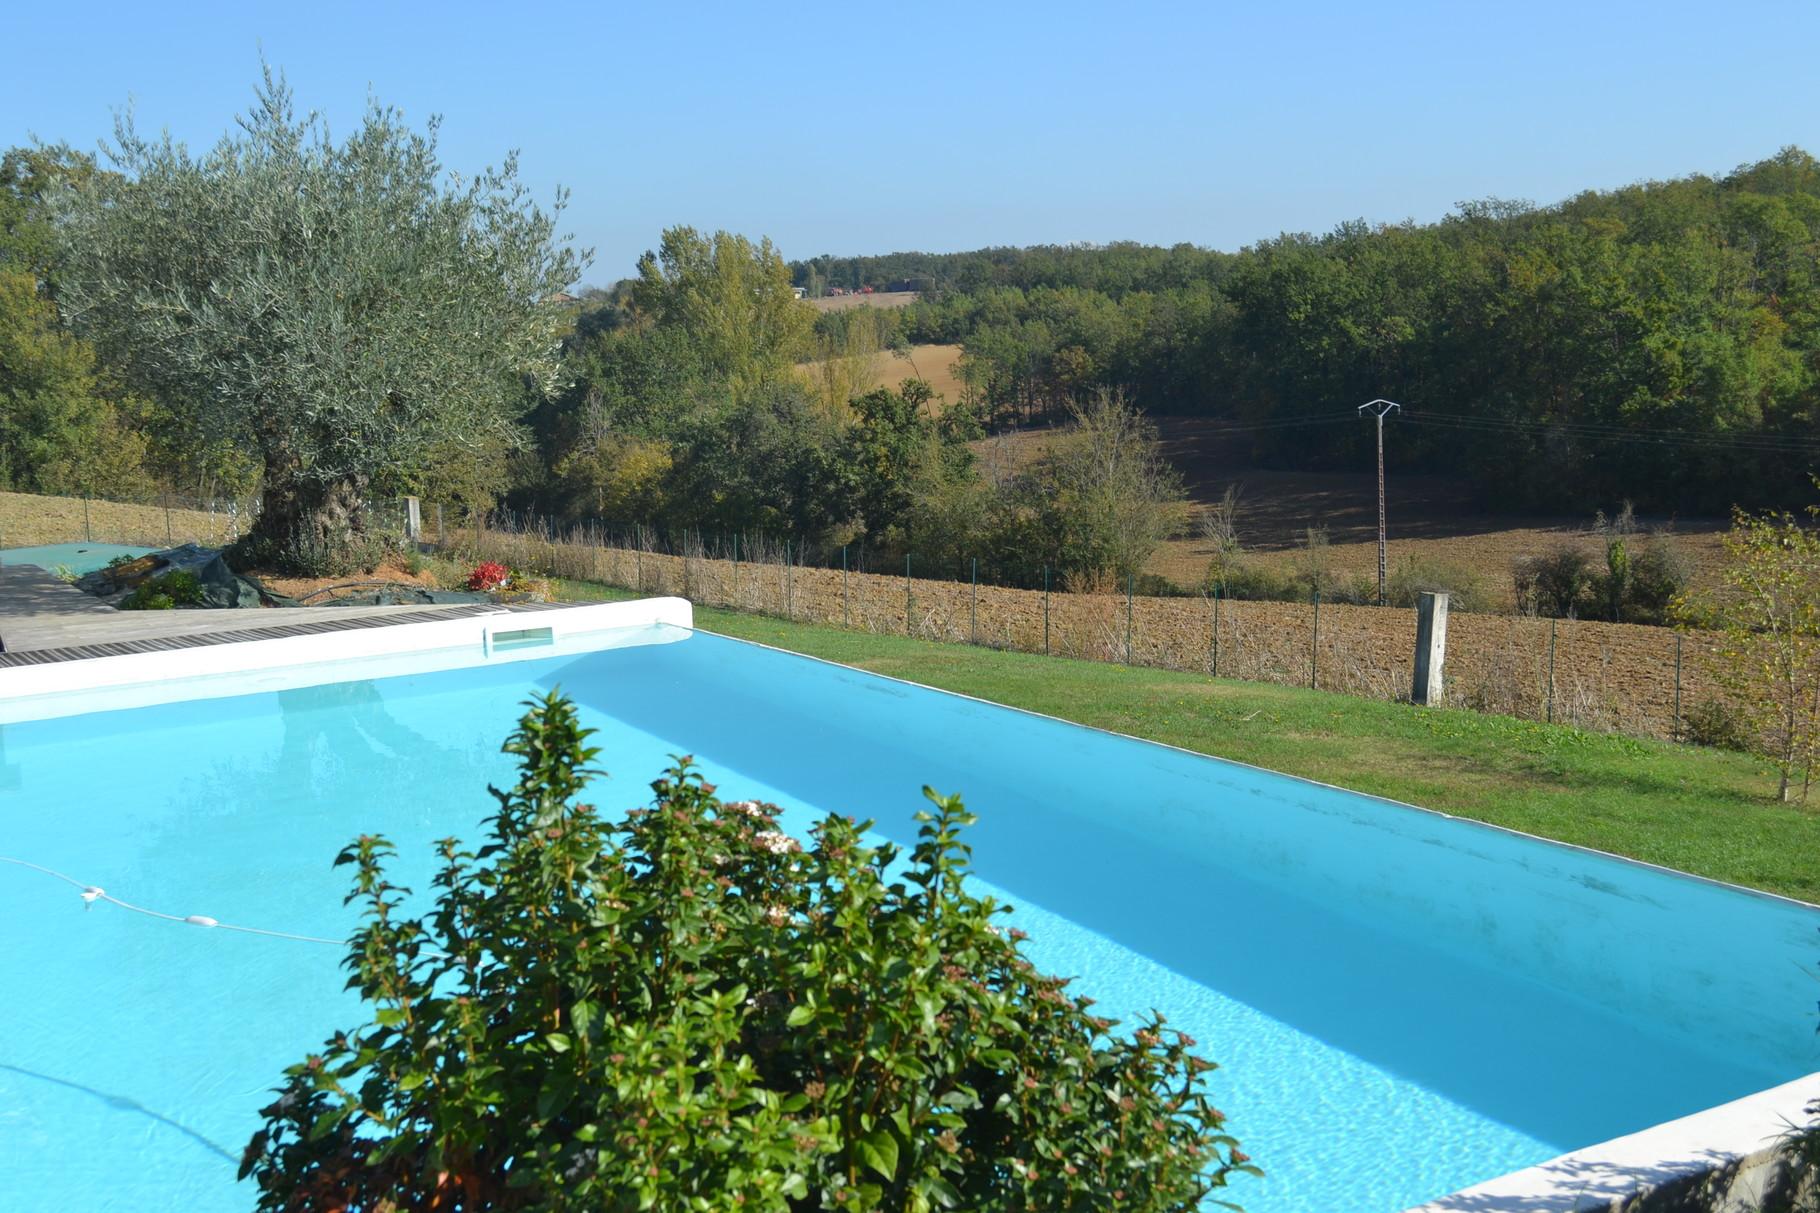 Profiter au maximum de la piscine, sans vis-à-vis, sauf quelque biche ou chevreuil indiscret du fond du vallon,